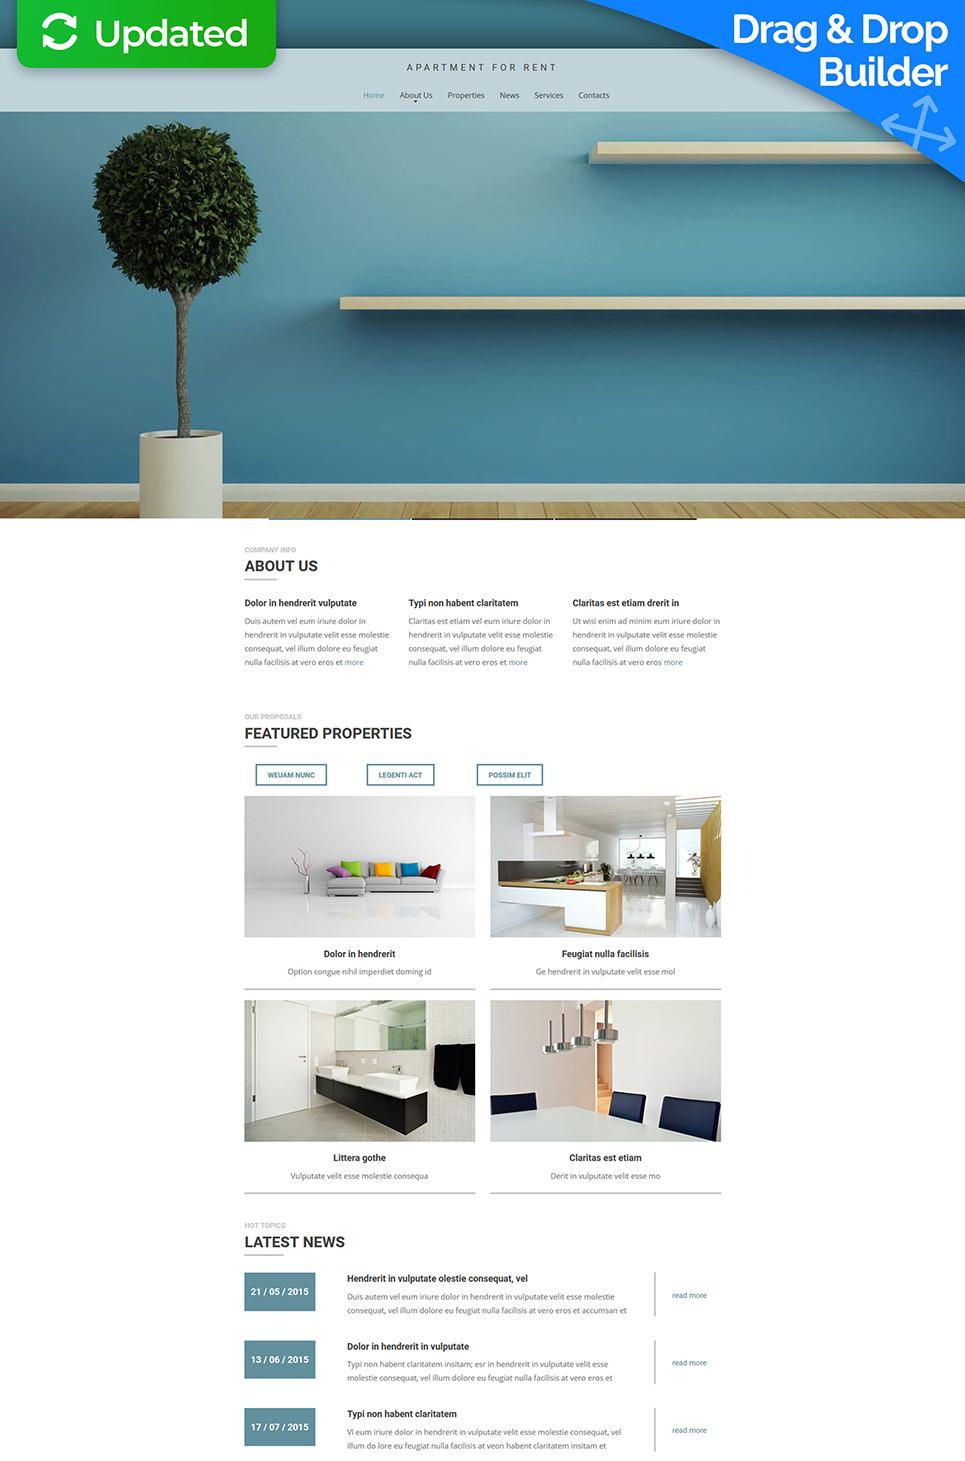 Plantilla del sitio web para una agencia de viviendas - image